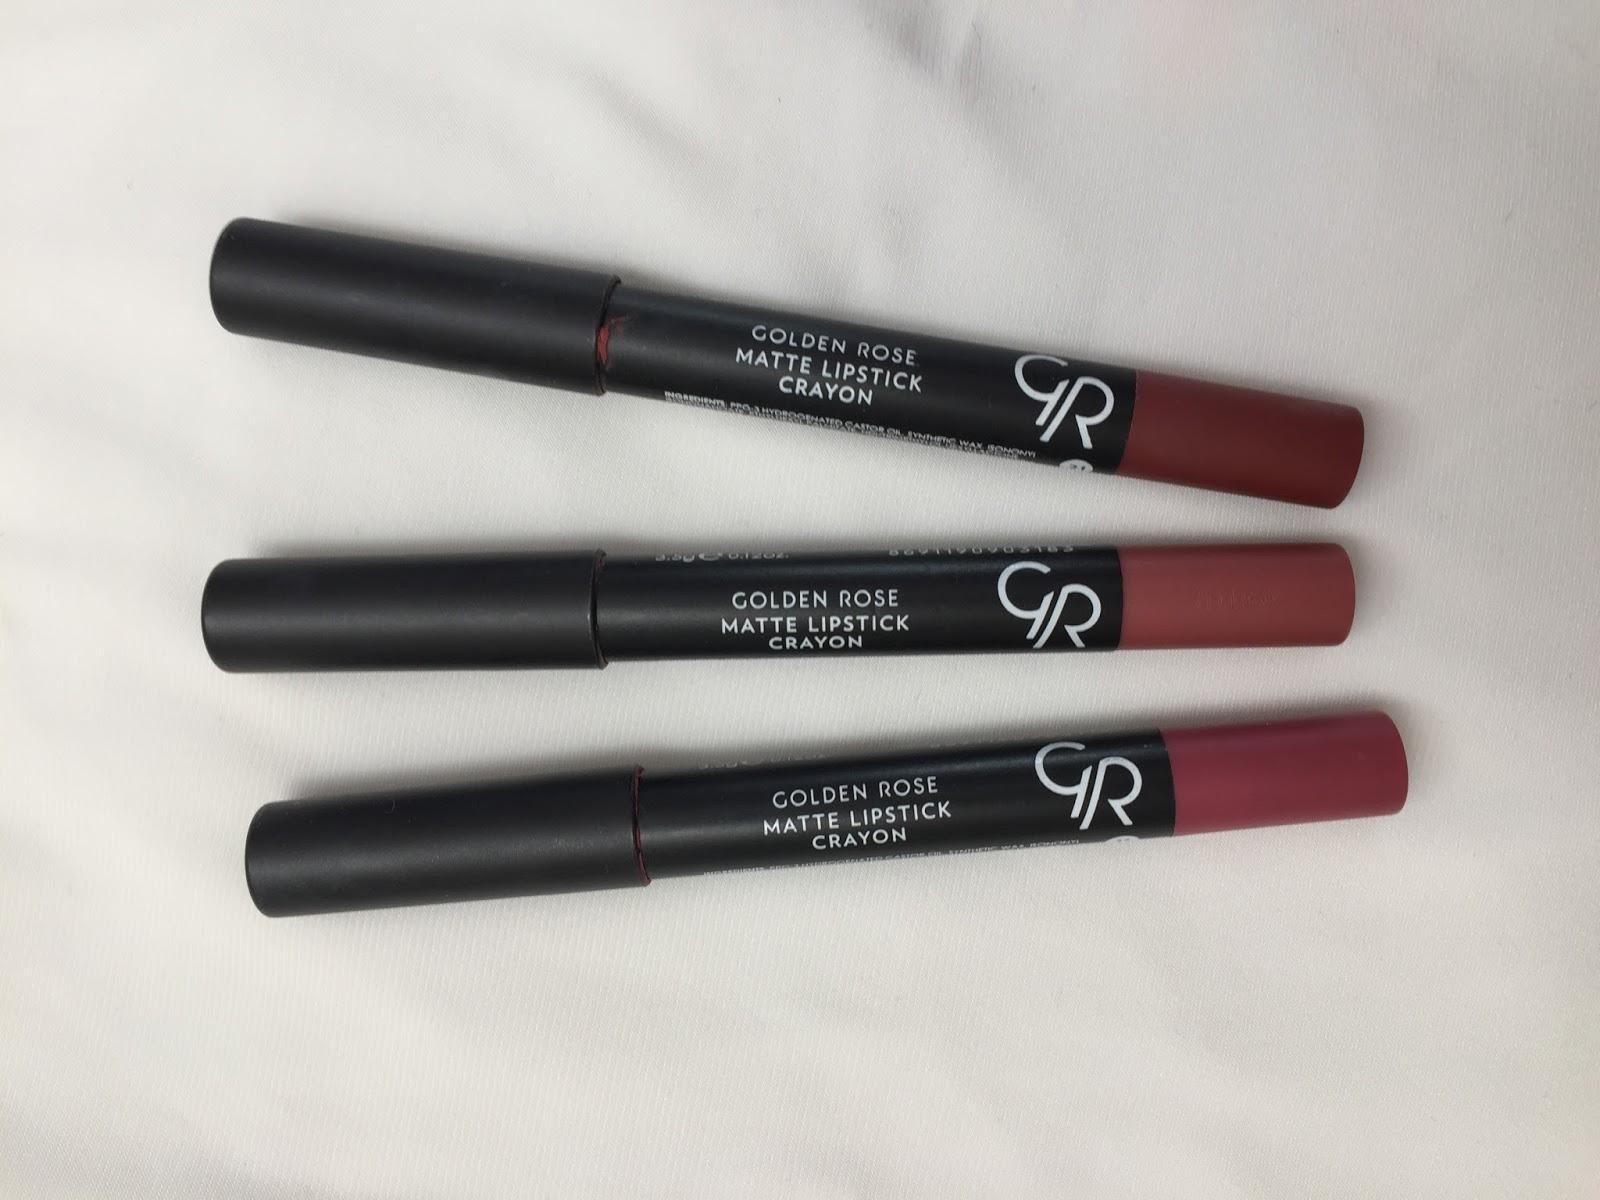 Golden Rose Matte Lipstick Crayon Kalem Ruj Diaryofmeri